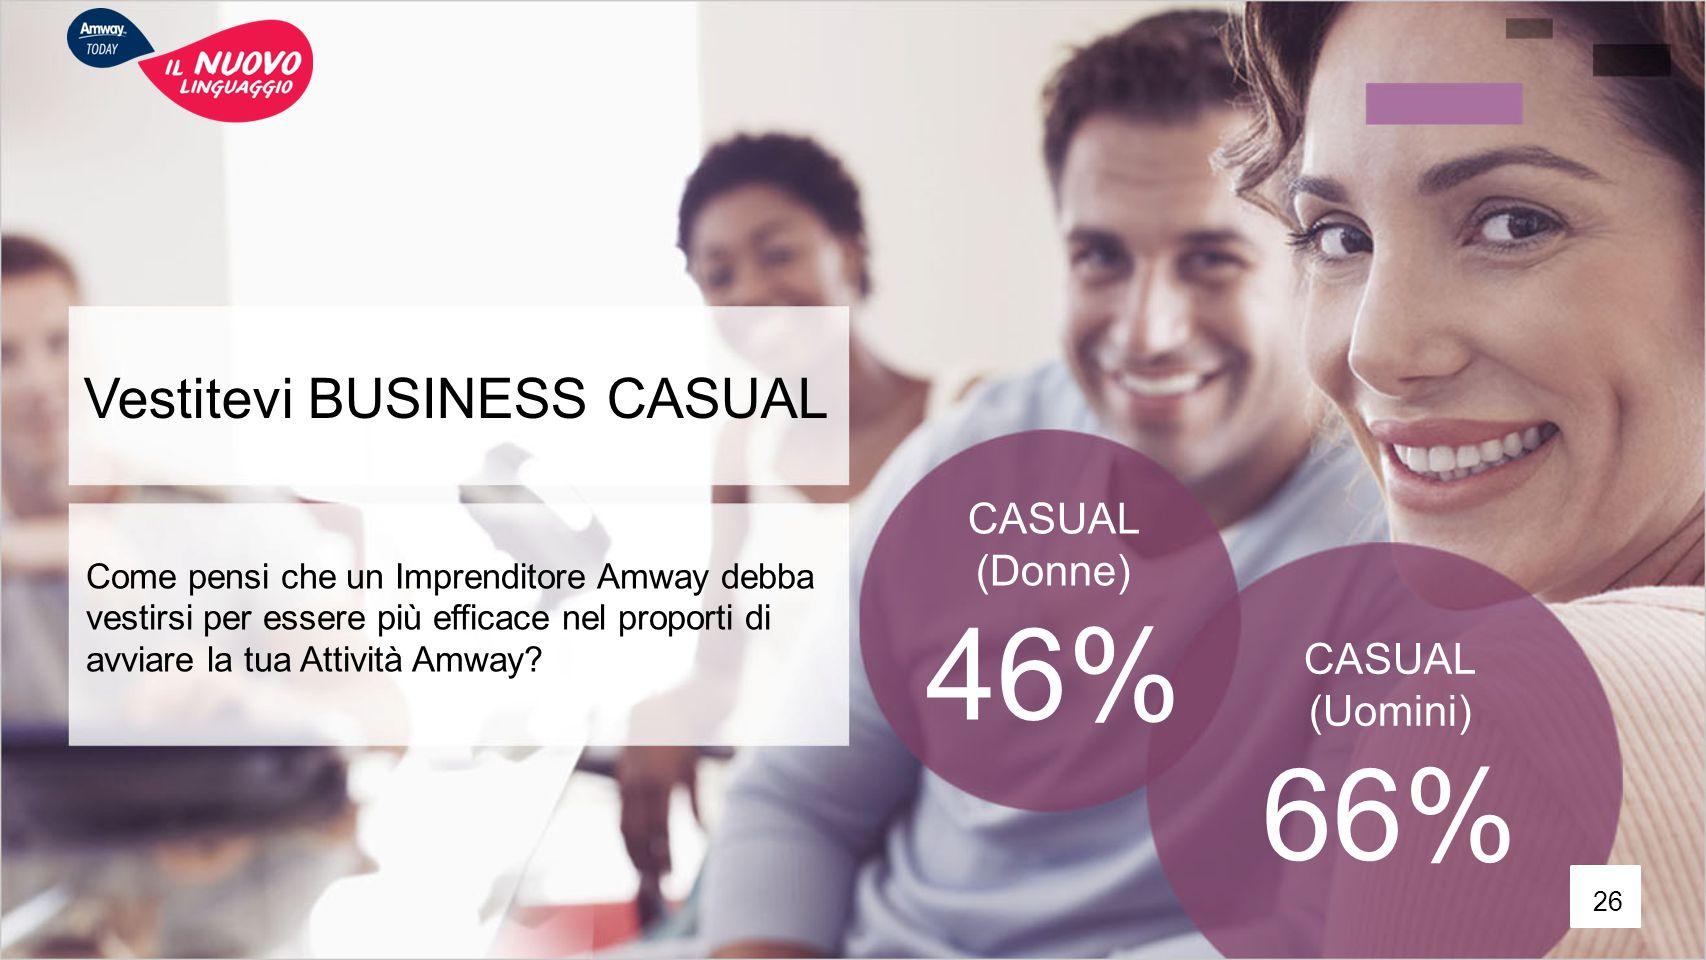 Vestitevi BUSINESS CASUAL Come pensi che un Imprenditore Amway debba vestirsi per essere più efficace nel proporti di avviare la tua Attività Amway? C